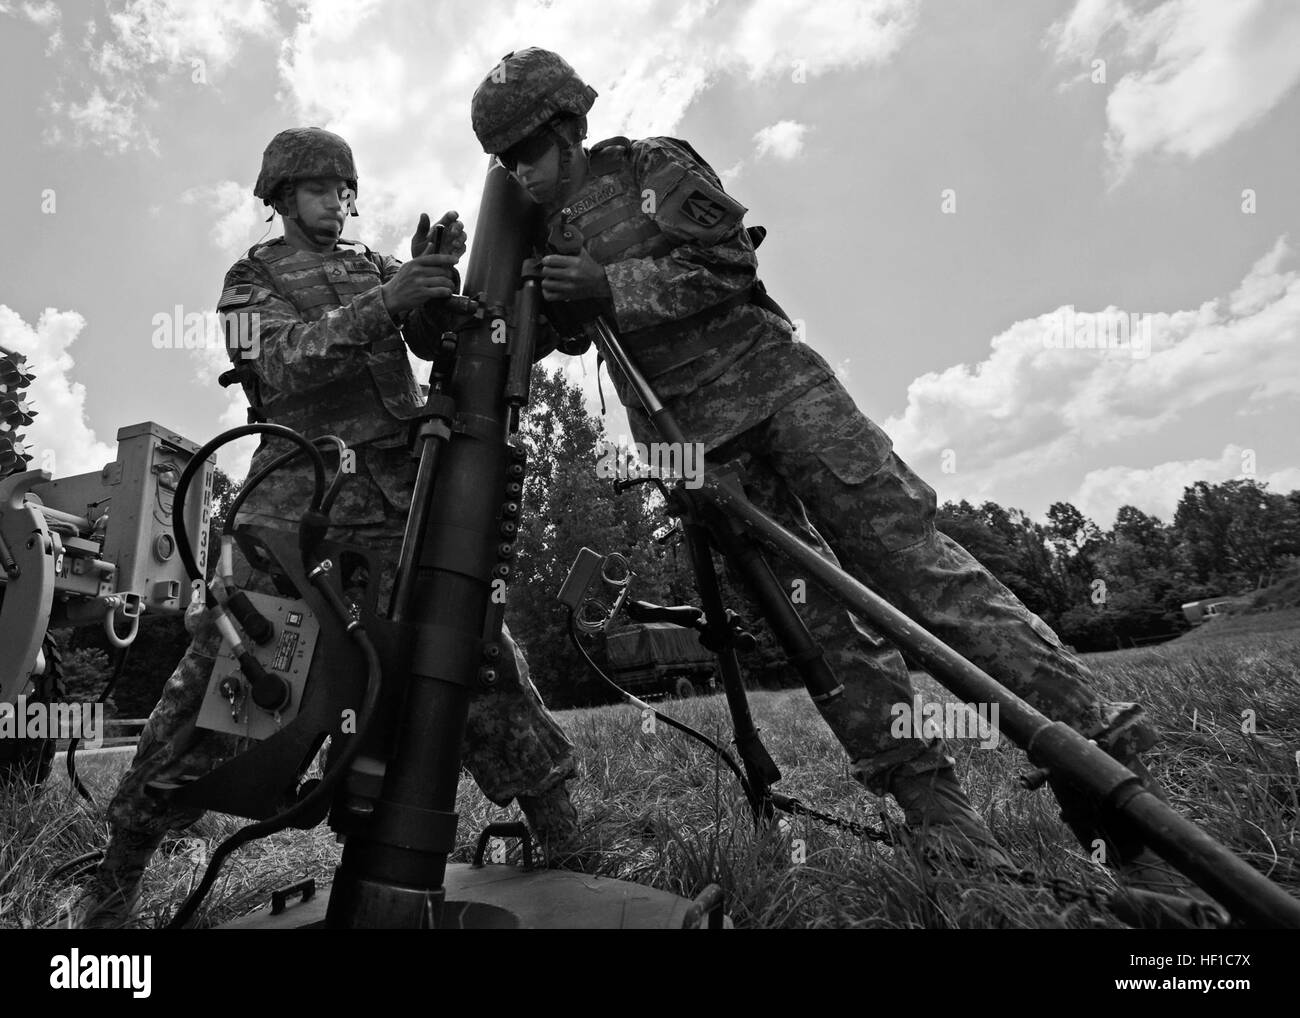 Ejército de EE.UU. PFC. Dalton Ellenberger, y SPC. Ian Justiniano, tanto con la Sede y la Sede Compañía, 1er Batallón, 293.er Regimiento de Infantería de la Guardia Nacional del Ejército, Indiana, preparar un sistema de mortero de 120mm para disparar en Camp Atterbury en Edimburgo, Indiana, el 13 de julio de 2013. (Ee.Uu. Guardia Nacional del Ejército Foto por John Crosby/liberado) Indiana soldados fuego de mortero nuevos sistemas en Atterbury 130713-Z-MG787-002 Foto de stock